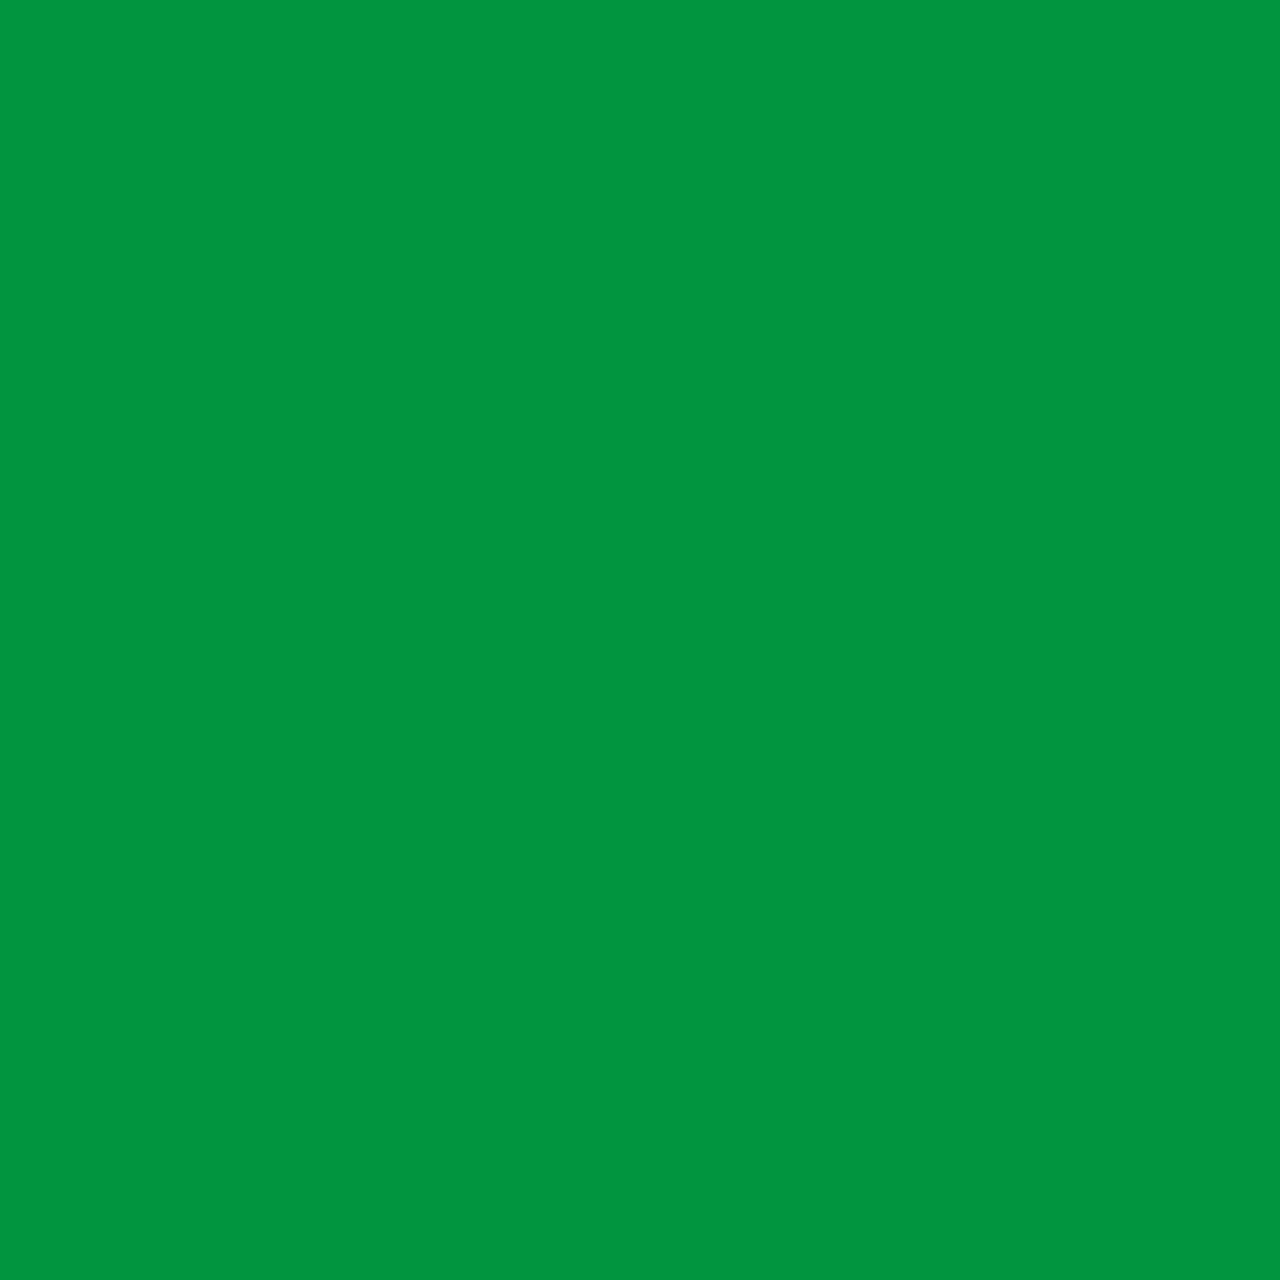 Team Green Room